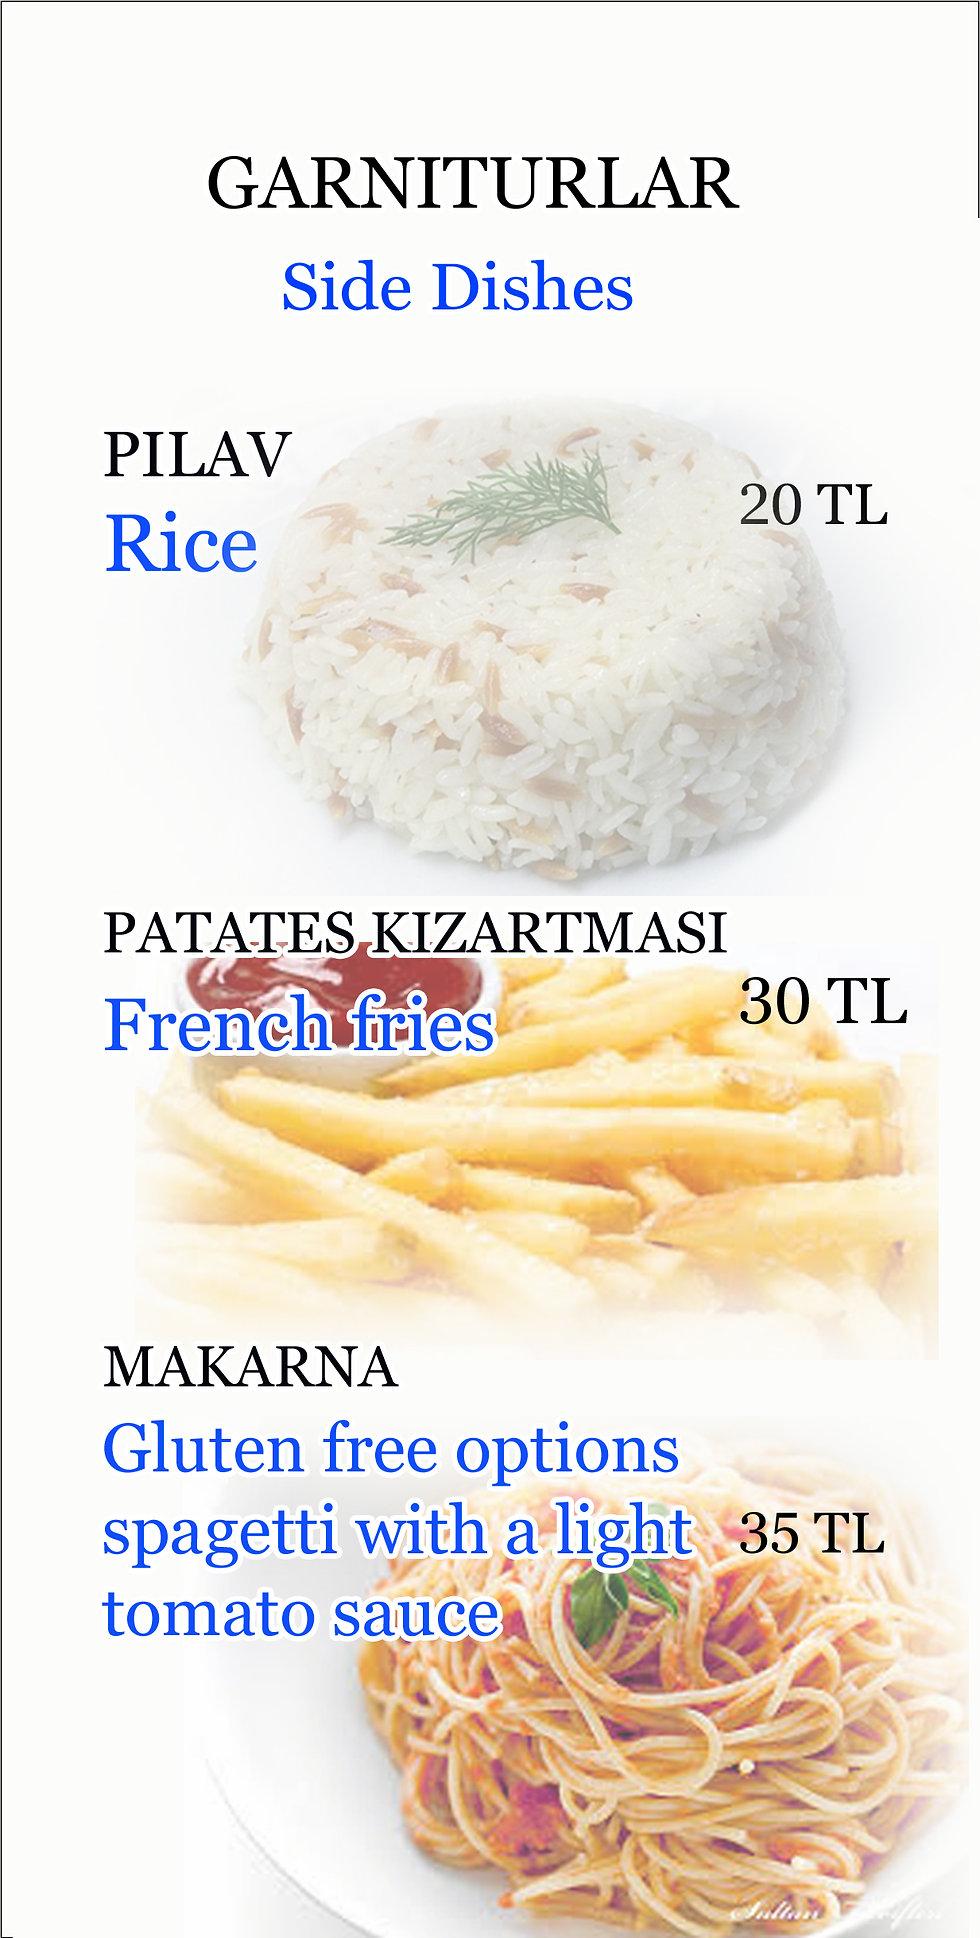 pilav copy.jpg